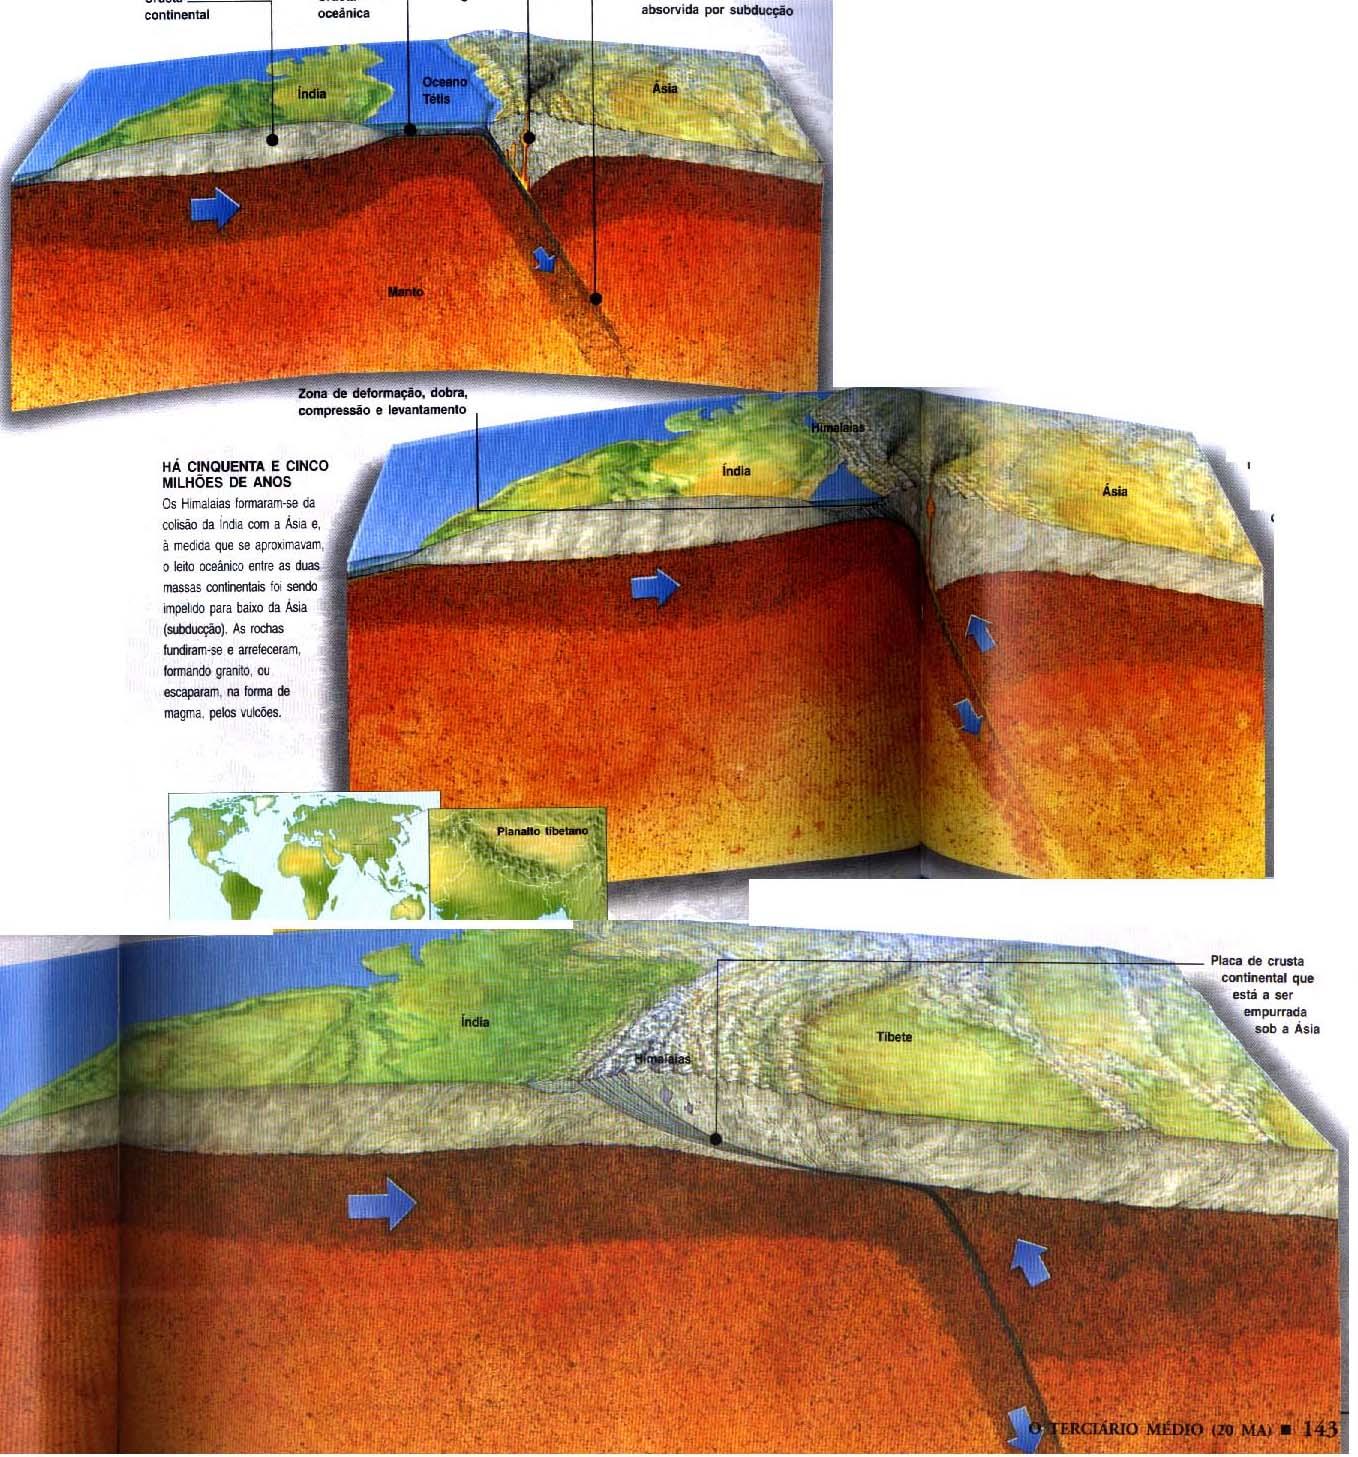 geografia fisica de portugal: